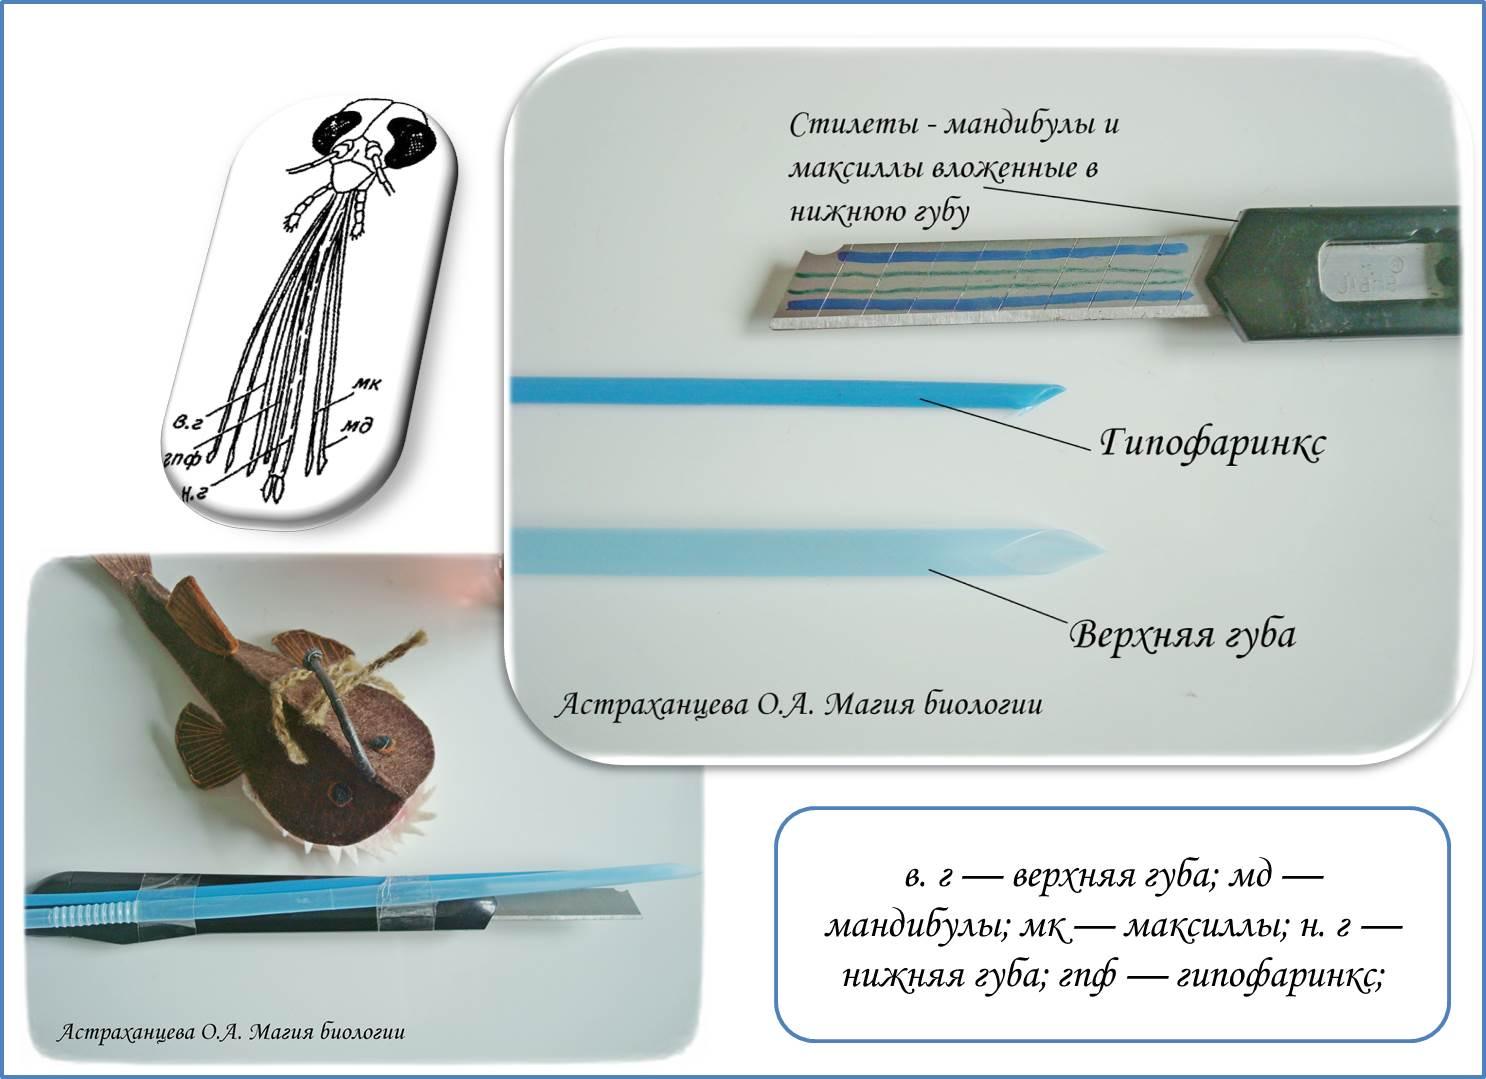 Гипофаринкс